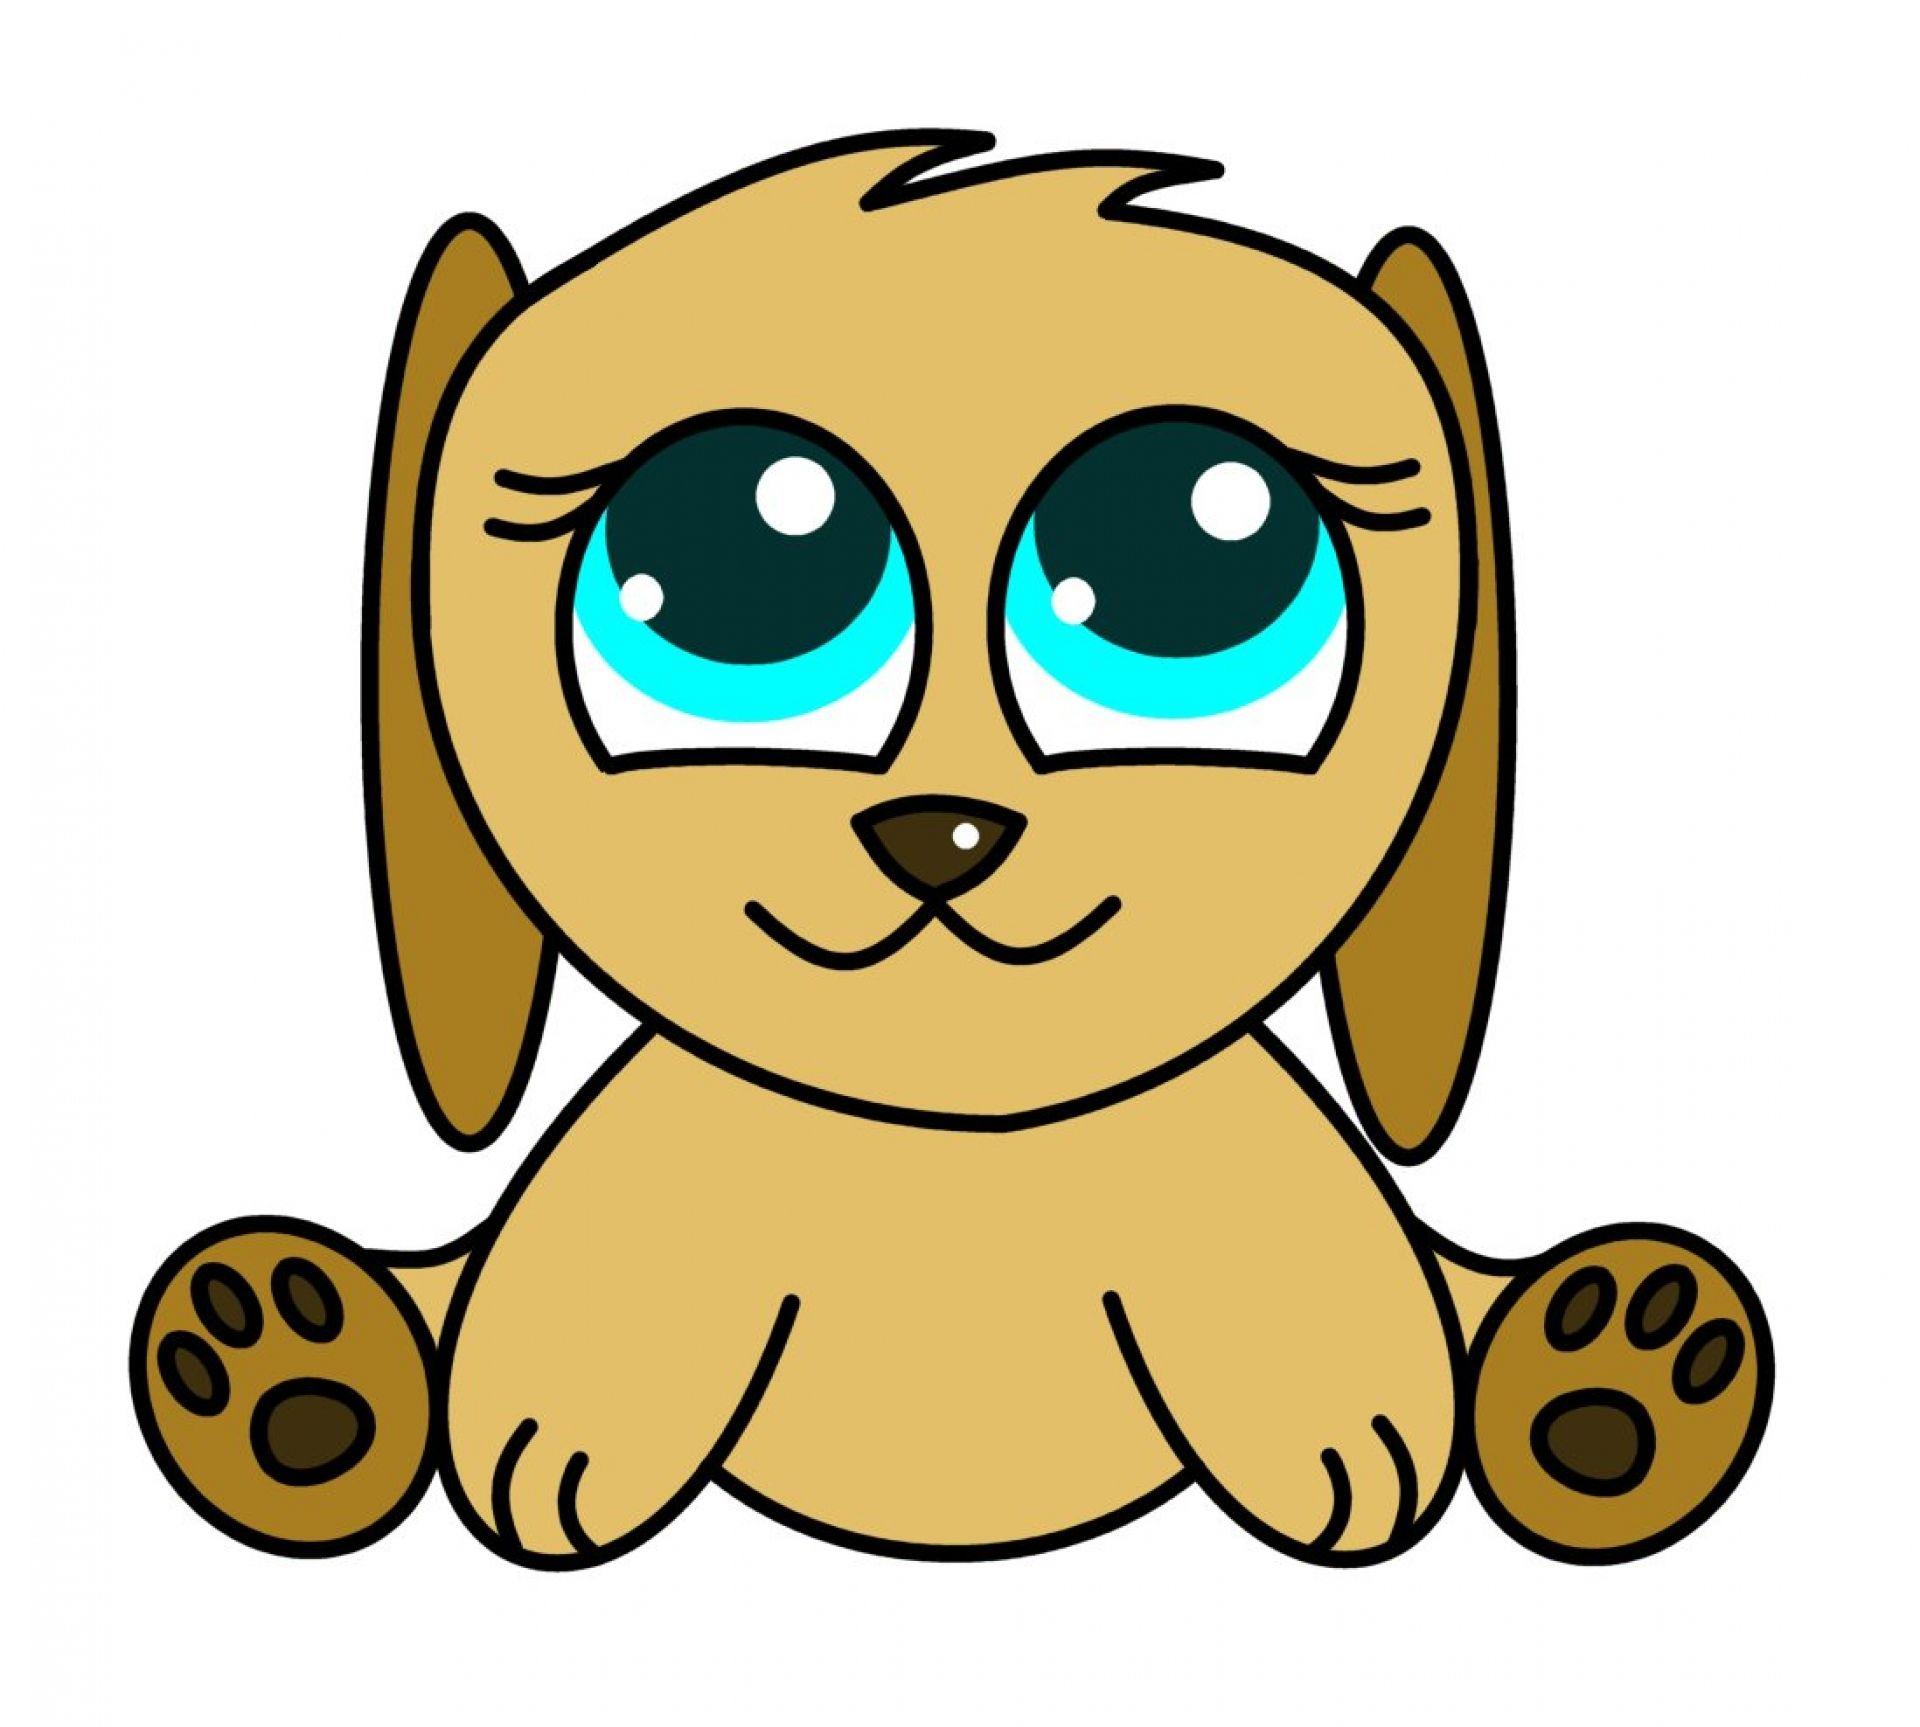 Puppy Cartoons Cute Cartoon Puppy Dogs Cute Cartoon Puppy Kids